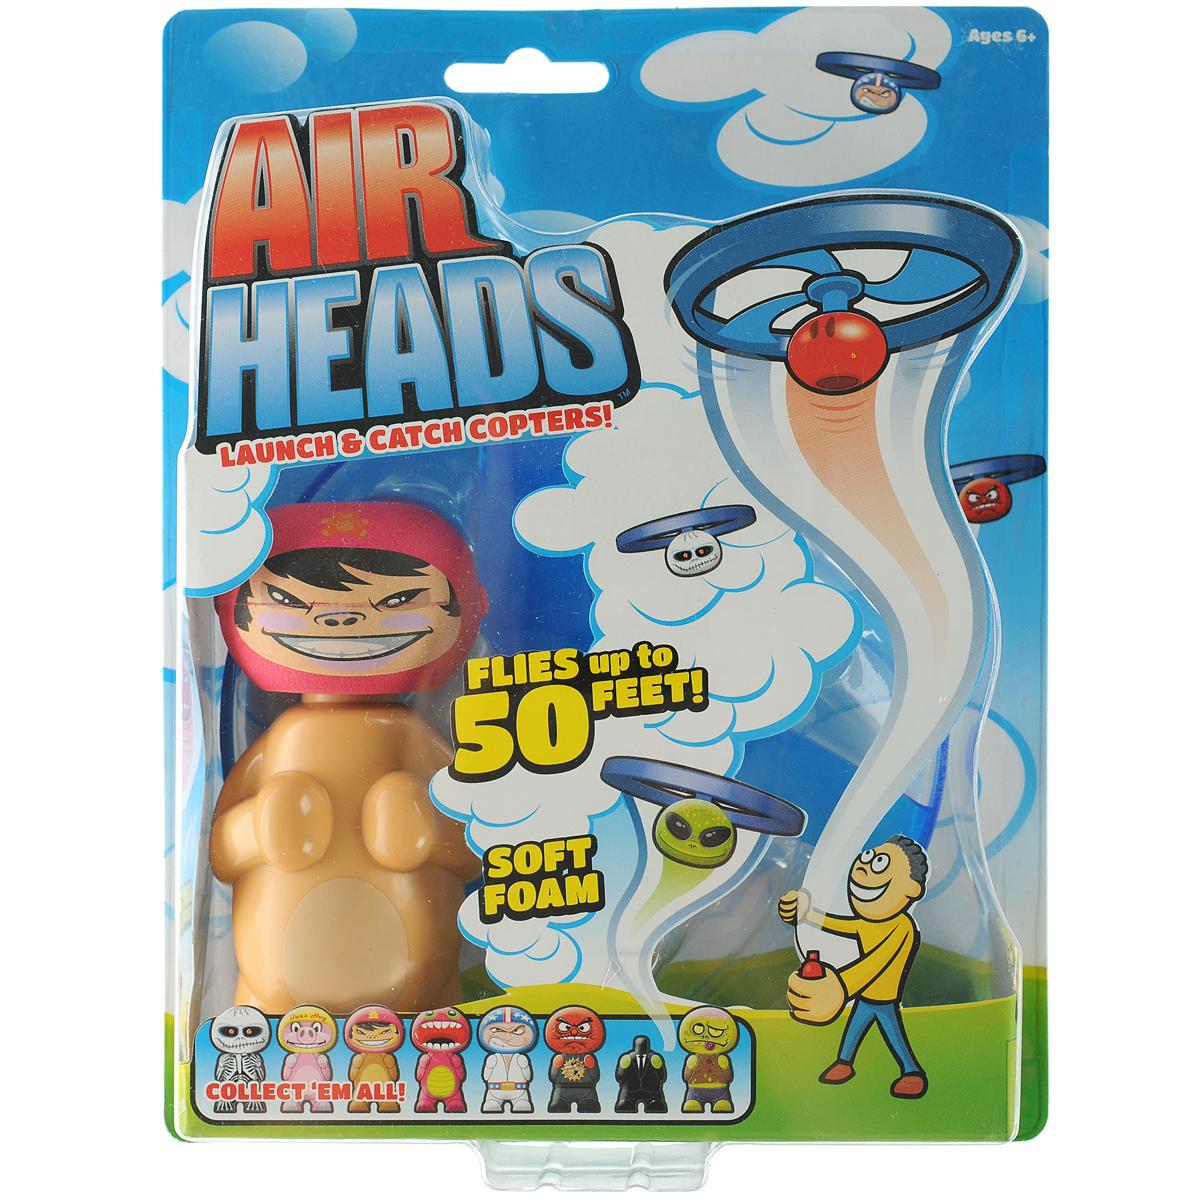 Игрушка Hog Wild Летающая голова поппер: P. J.52400 P.J.Игрушка Hog Wild Летающая голова поппер: P. J. привлечет внимание вашего ребенка и станет отличным развлечением во время прогулки. Она выполнена из пластика и полимера в виде необычной фигурки с летающей головой. Для запуска необходимо соединить голову с пропеллером до щелчка. Получившийся головолет соедините с туловищем. Затем потяните за пусковой шнур, чтобы начать полет. Летающая голова взлетает до 15 метров! Порадуйте своего непоседу таким замечательным подарком!